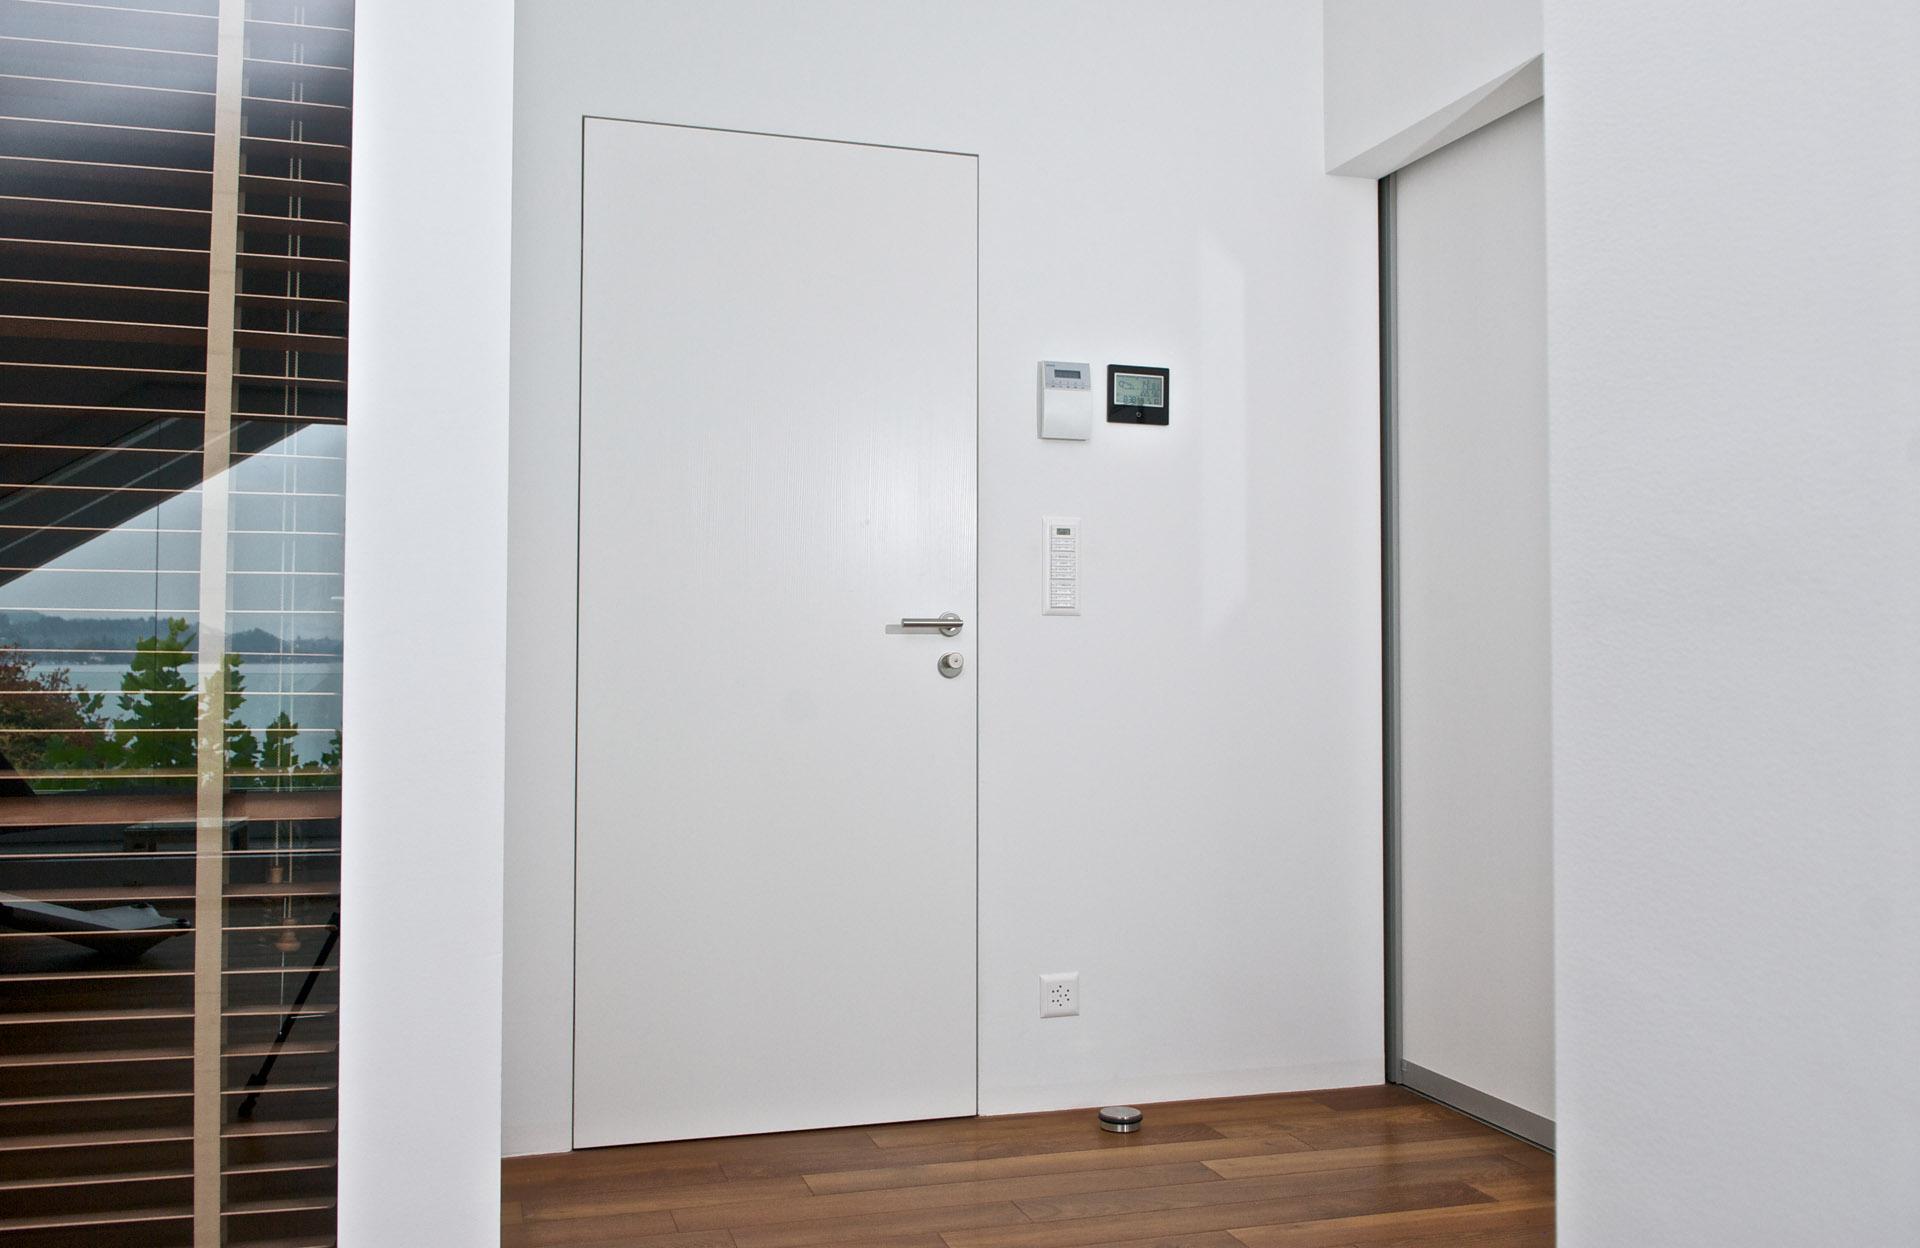 glast r ohne zarge t ren ohne zarge xb13 hitoiro t r ohne zarge swalif produkte glaserei. Black Bedroom Furniture Sets. Home Design Ideas